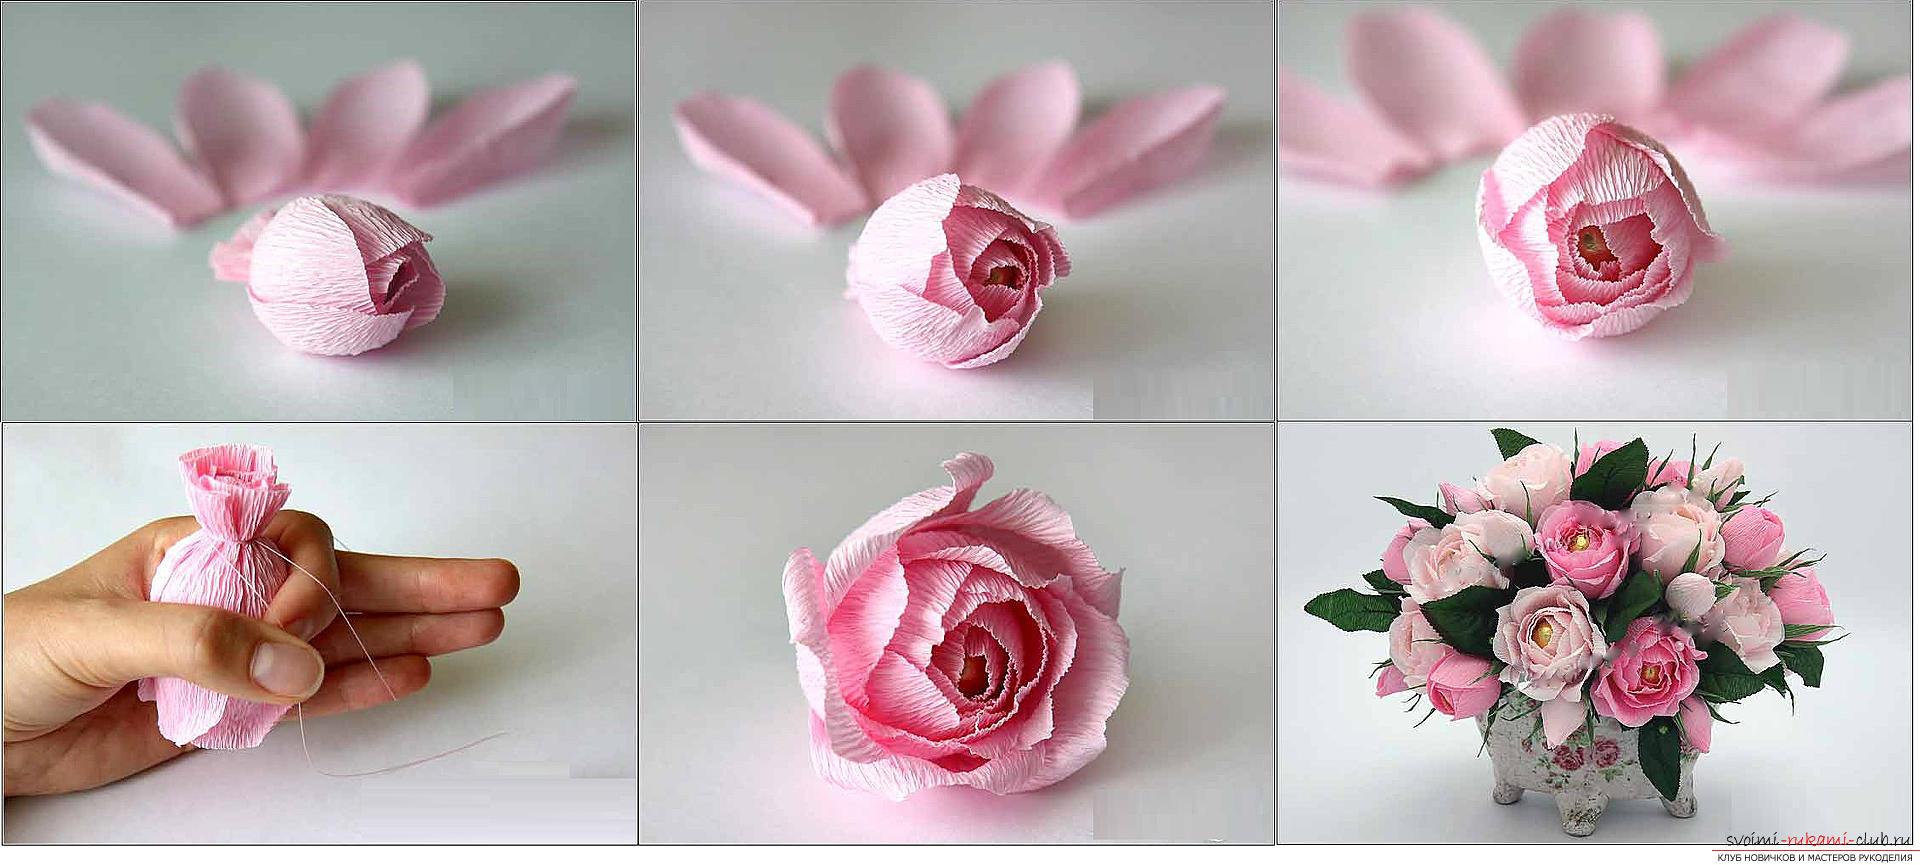 Простые цветы из гофрированной бумаги с конфетами своими руками 290